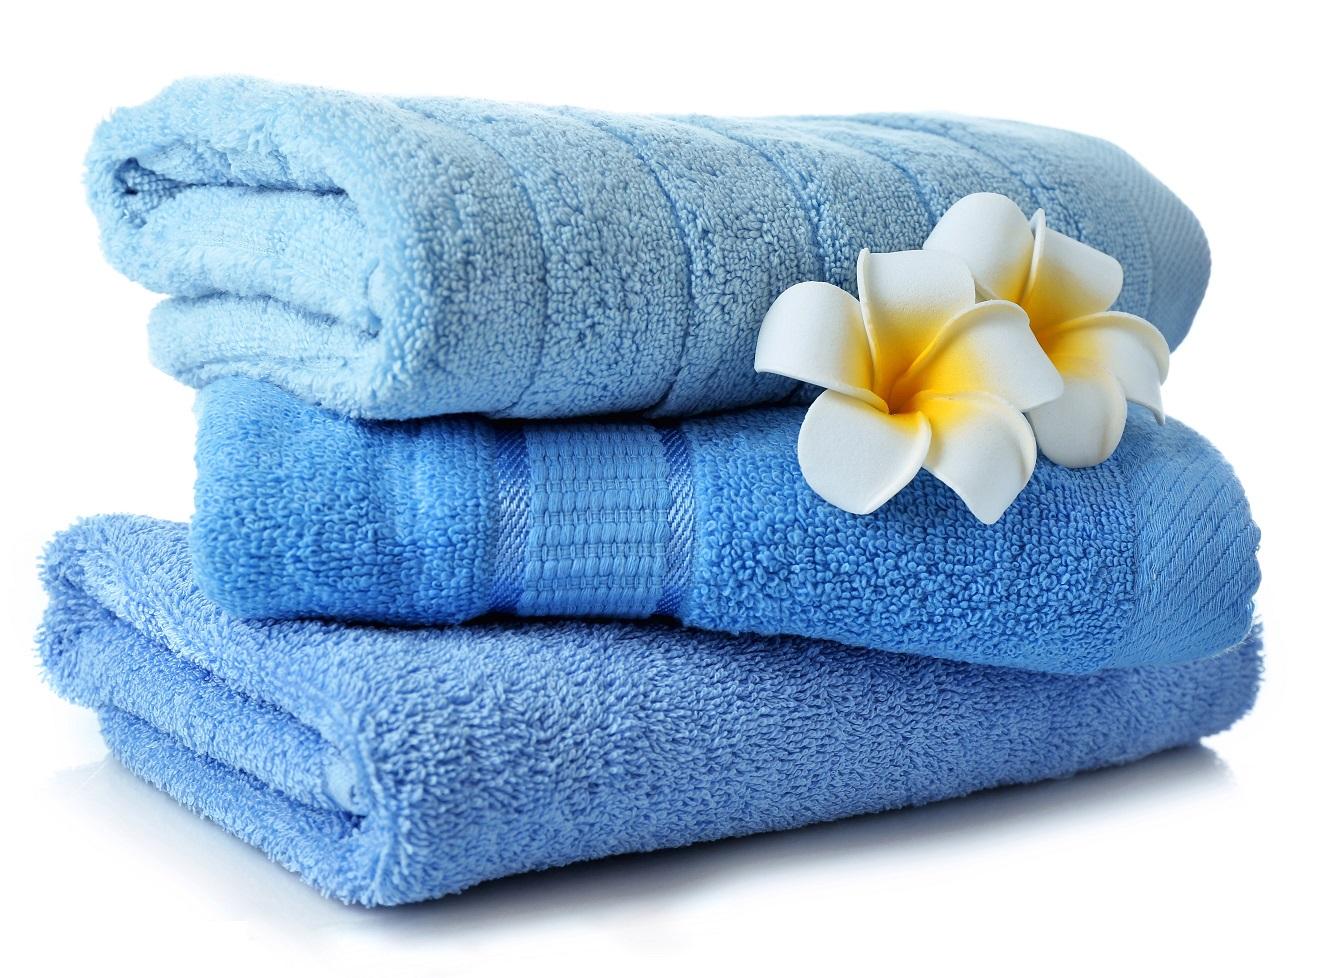 Towel - 9